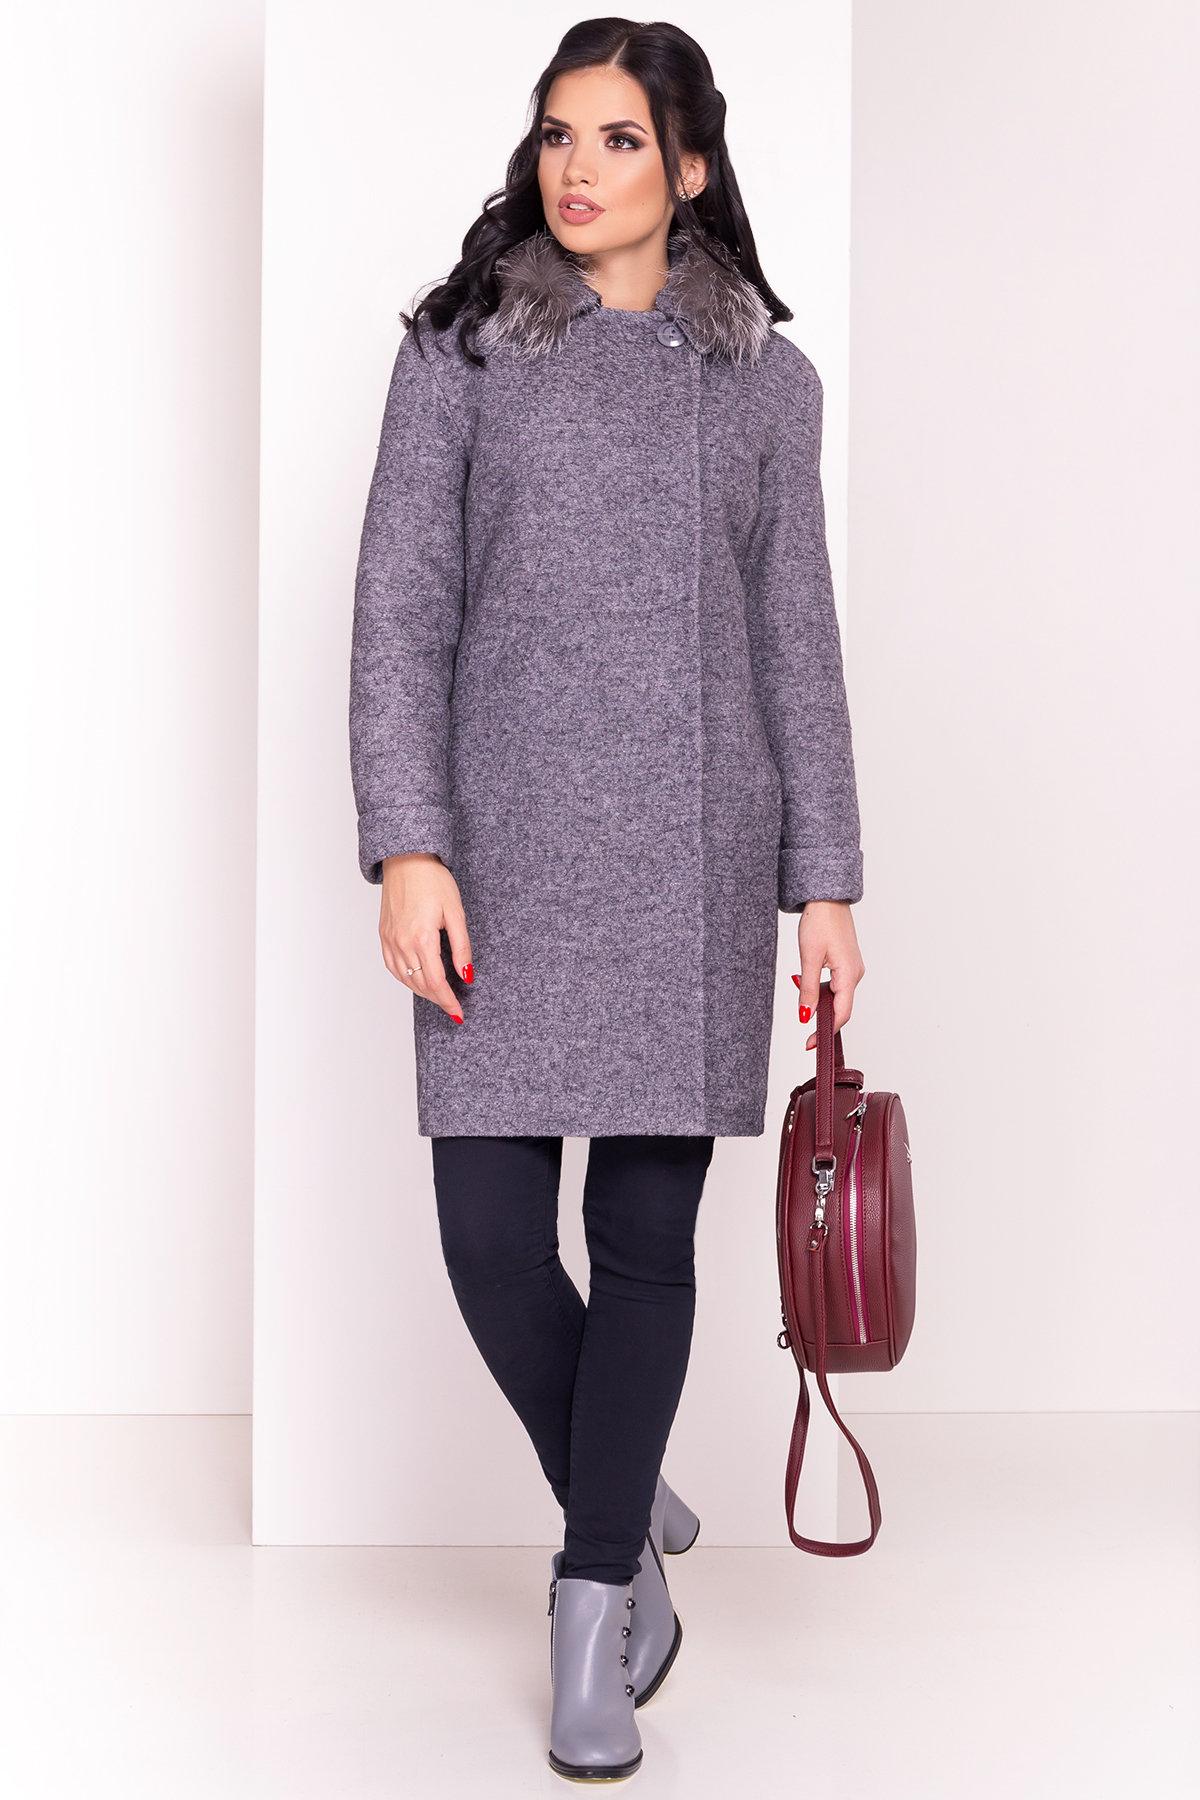 Пальто зима Приора 5427  АРТ. 36750 Цвет: Серый Темный LW-47 - фото 2, интернет магазин tm-modus.ru